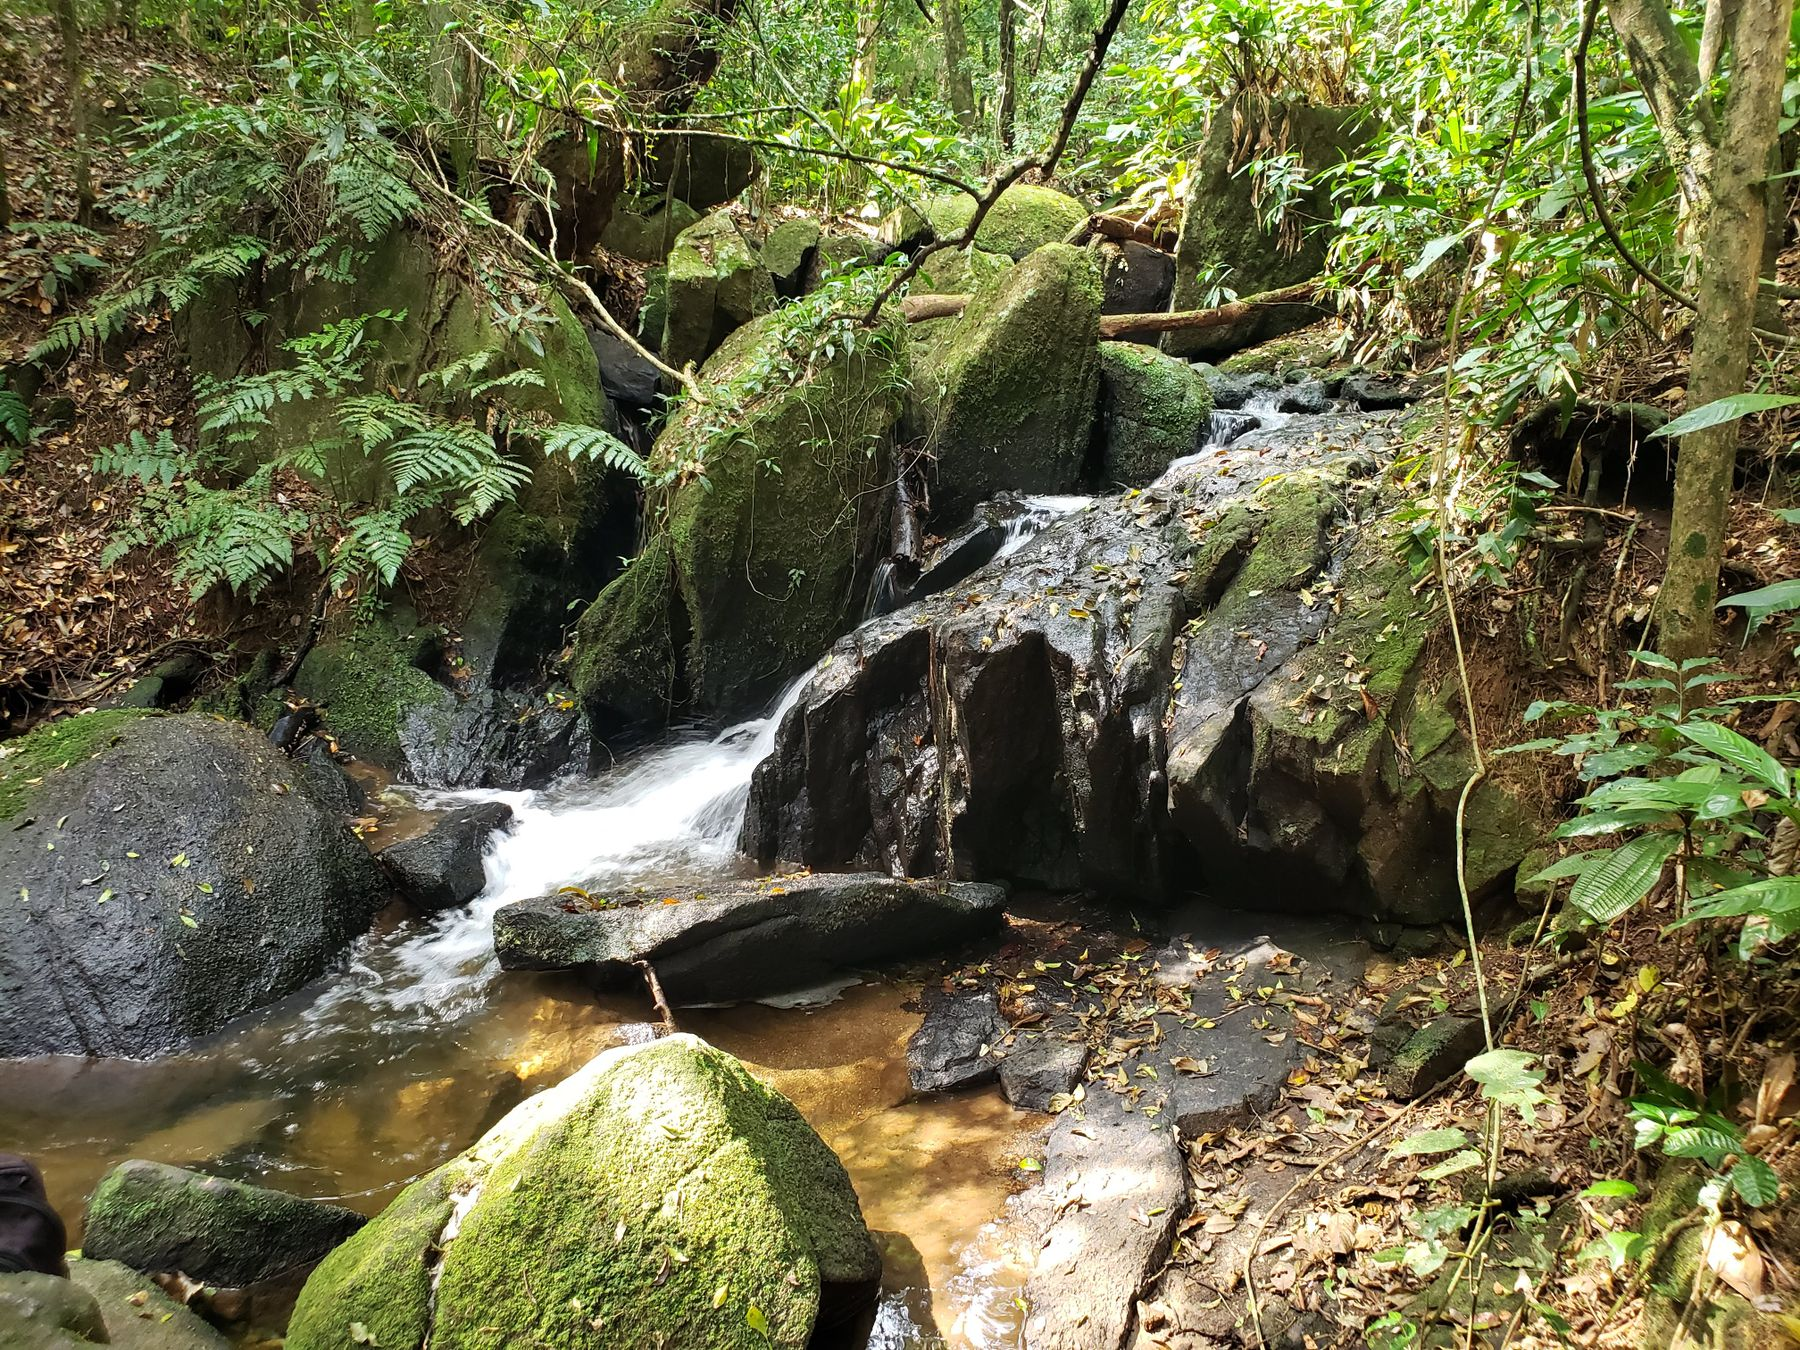 Trilha da Cachoeira no Parque da Cantareira - Núcleo Engordador - Perfeita para quem busca uma trilha com cachoeira em SP